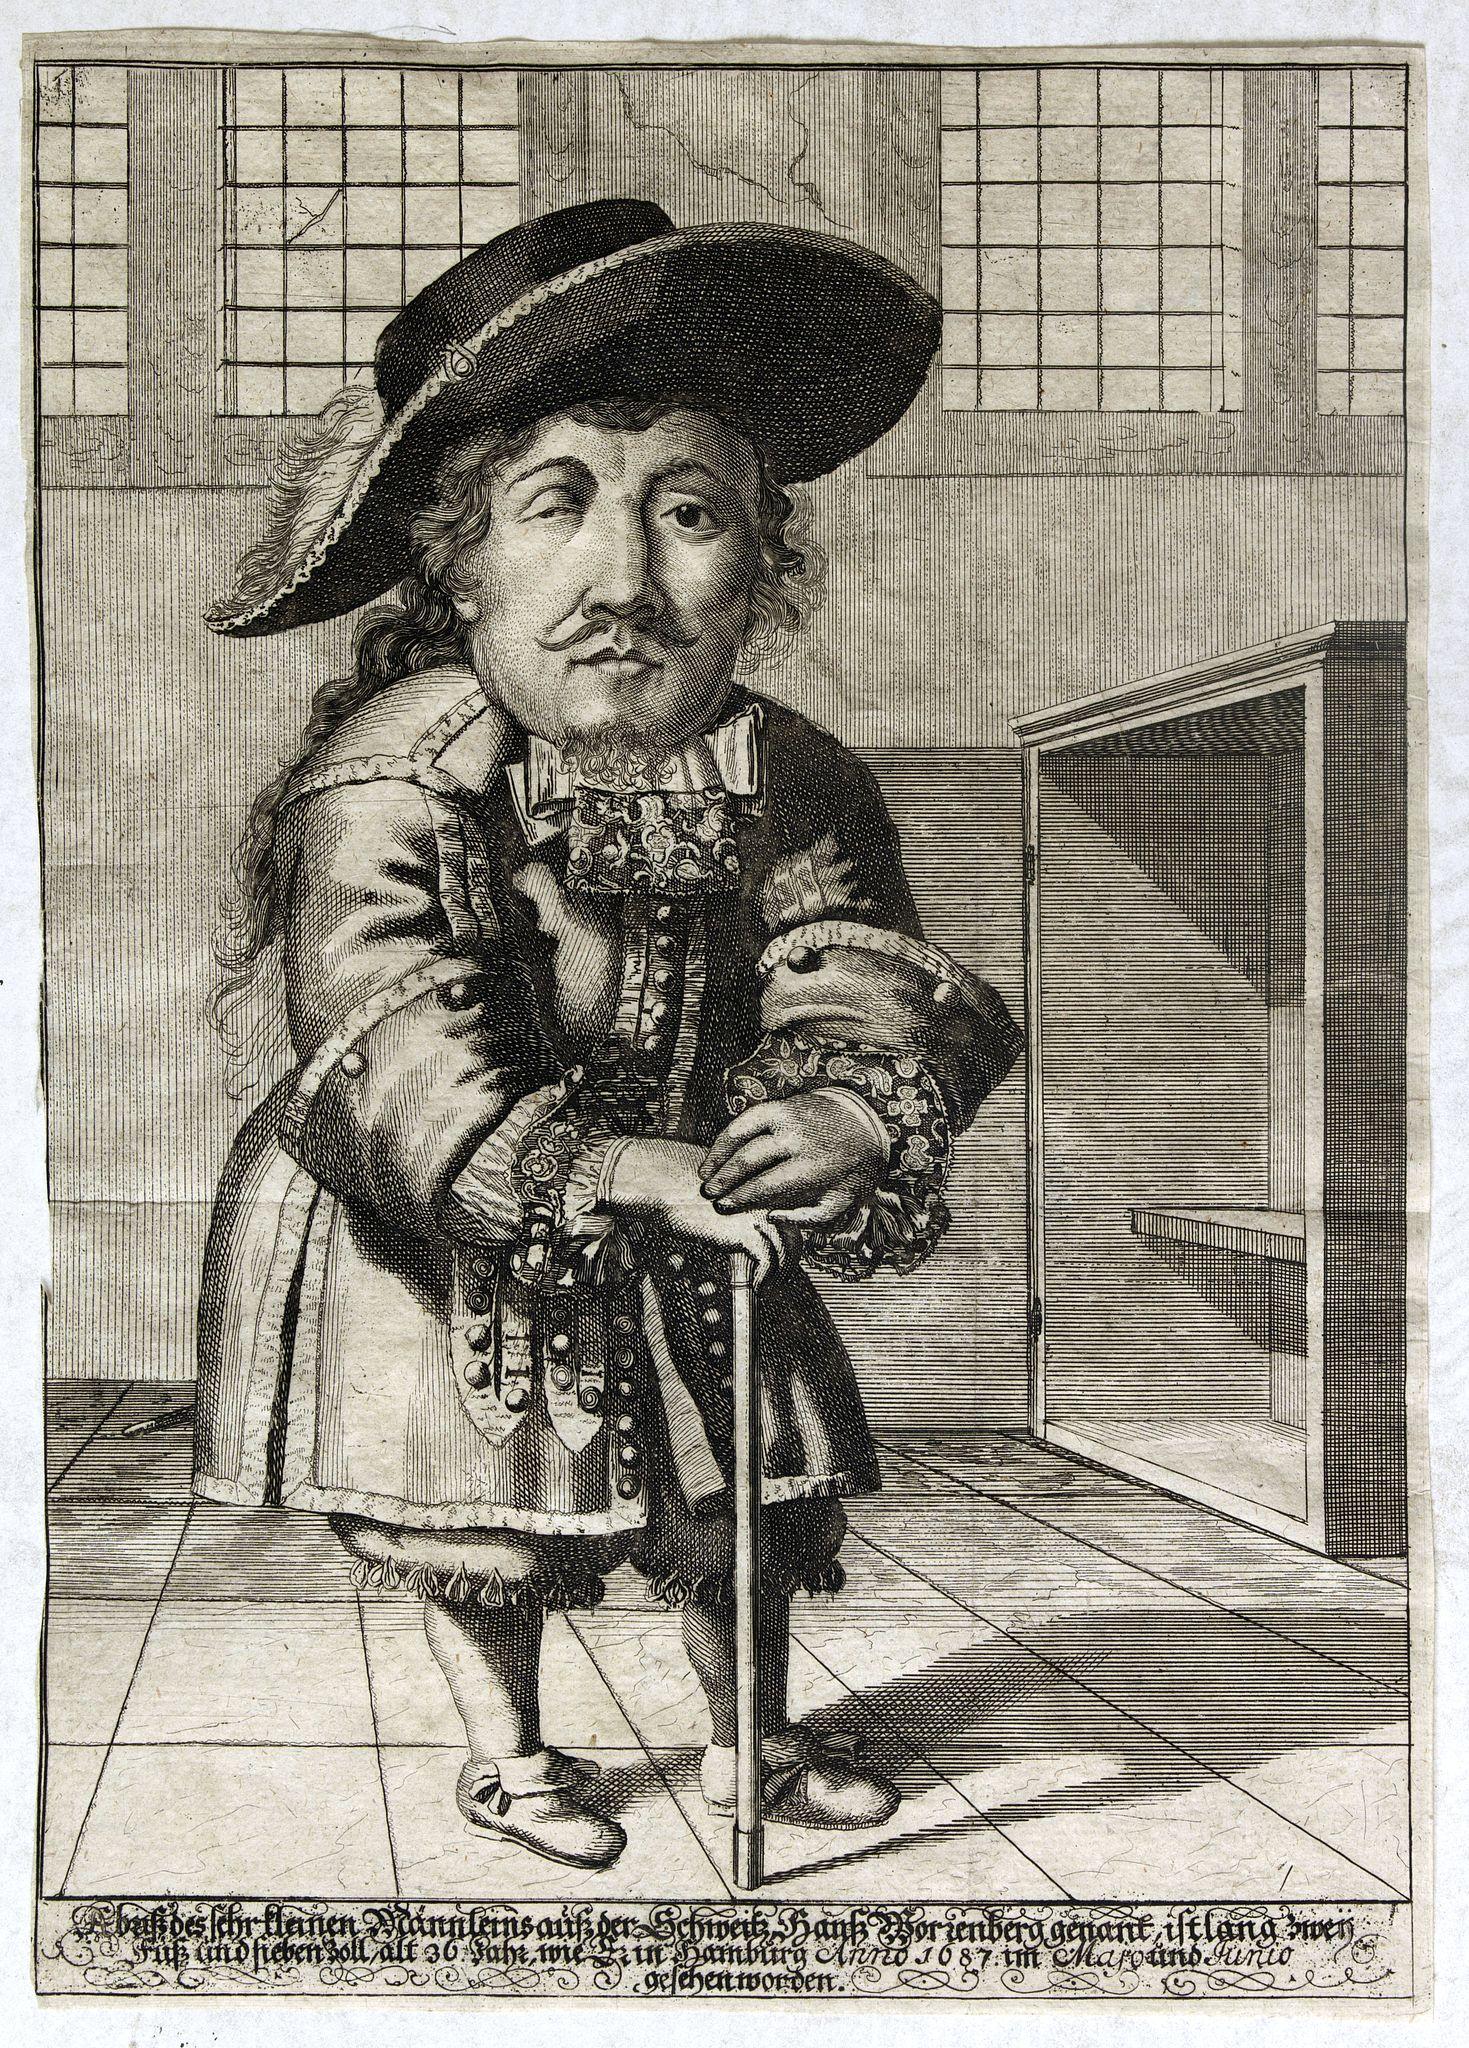 VON WIERING, Th. -  Abbild des sehr kleinen Männleins auß der Schweitz Hans Worrenberg genant, ist lang zwei Fuß und sieben zoll, alt 36 Jahr wie zu Hamburg Anno 1687 im Majo und Junio gesehen worden.